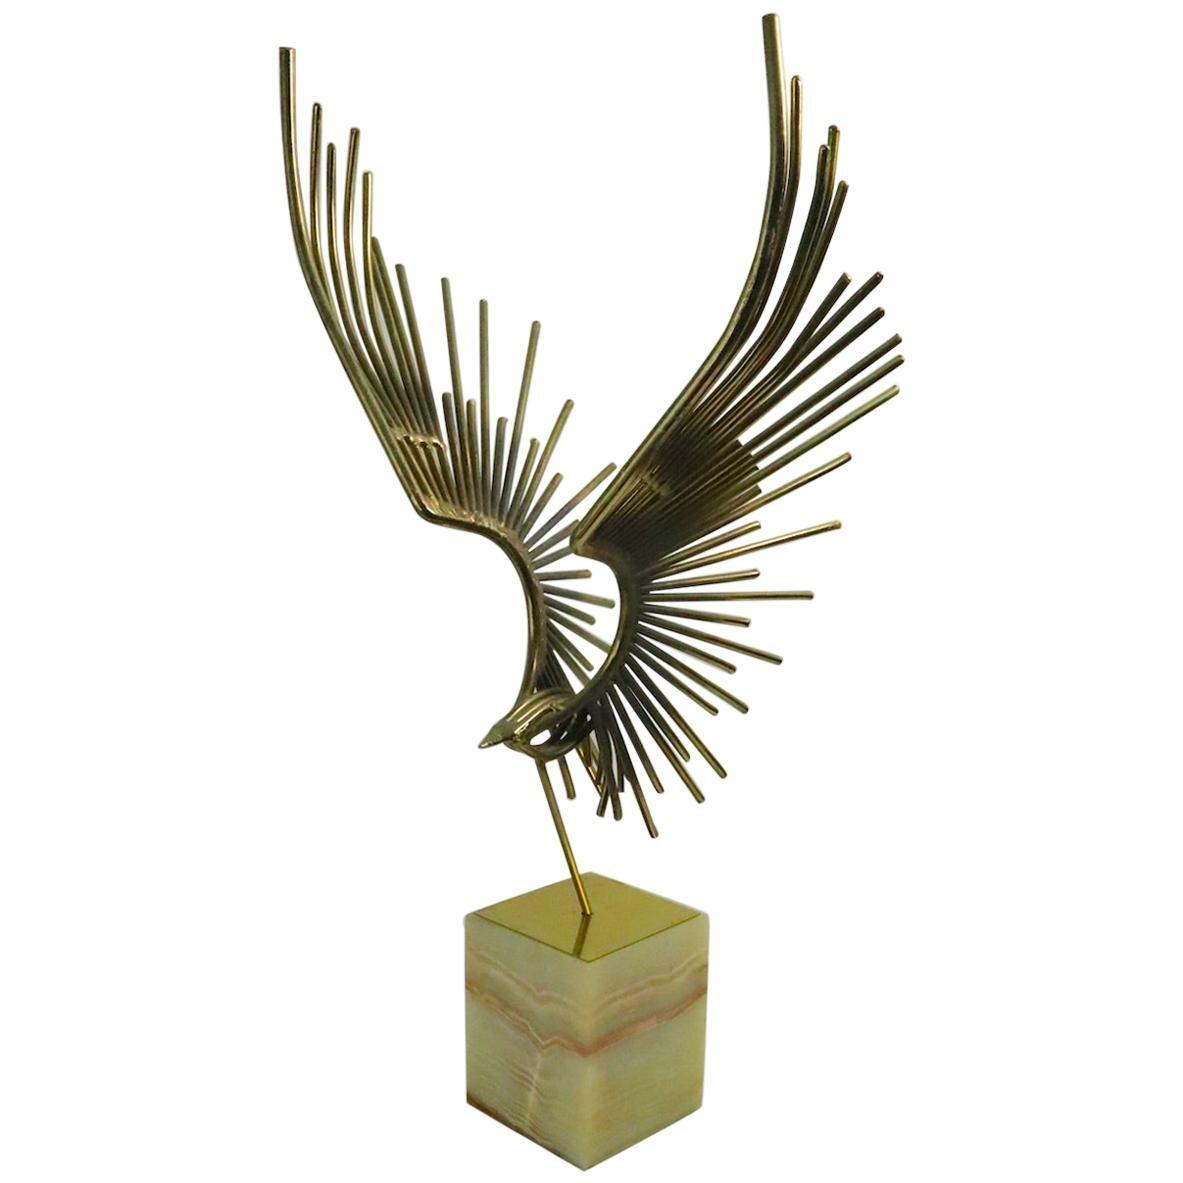 Brutalist Bird in Flight Sculpture by Jere